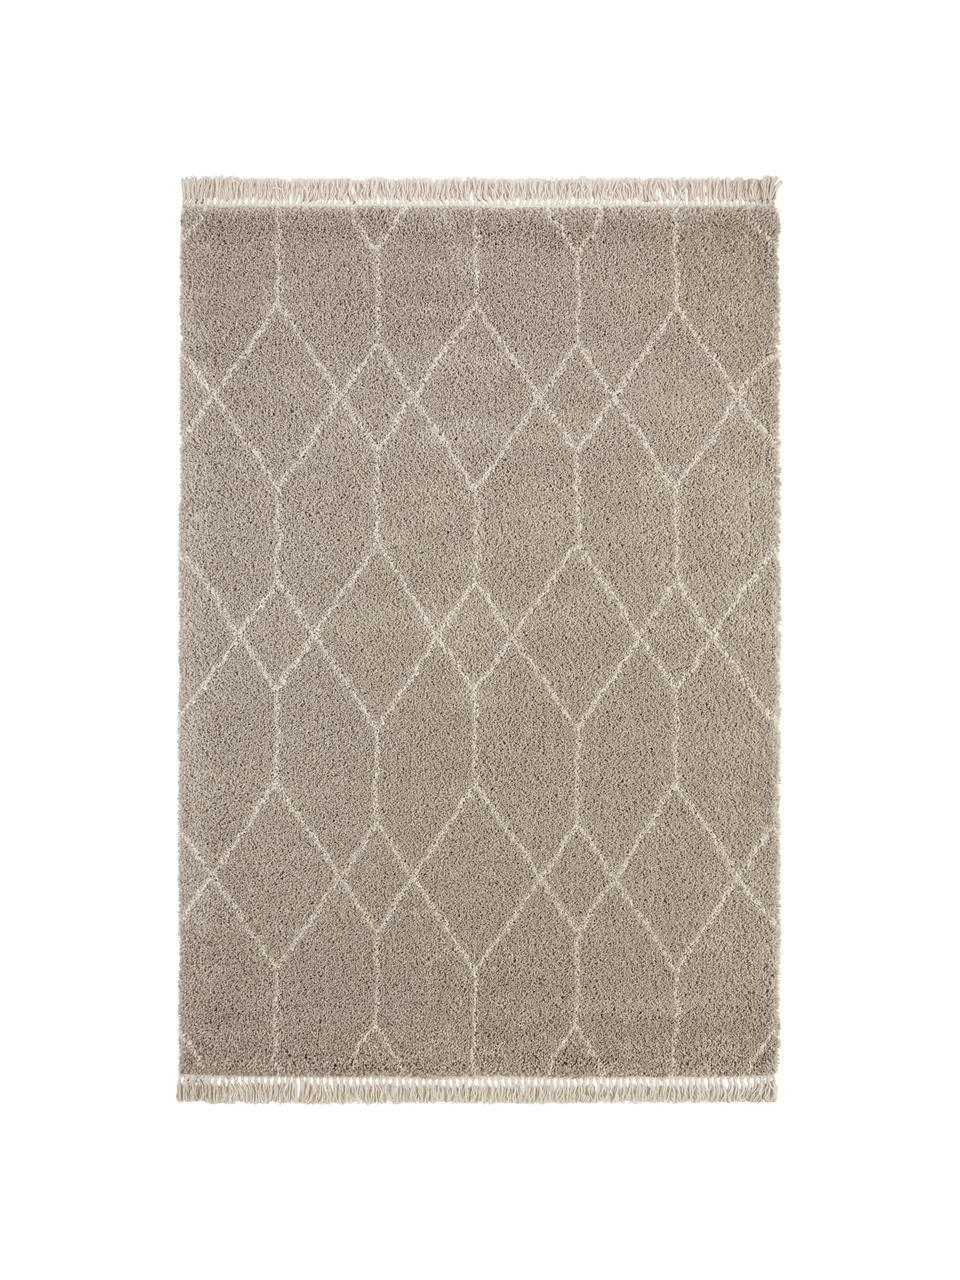 Hoogpolig vloerkleed Mila in beige/grijs met grafisch patroon, 100% polypropyleen, Beige, grijs, B 80 x L 150 cm (maat XS)